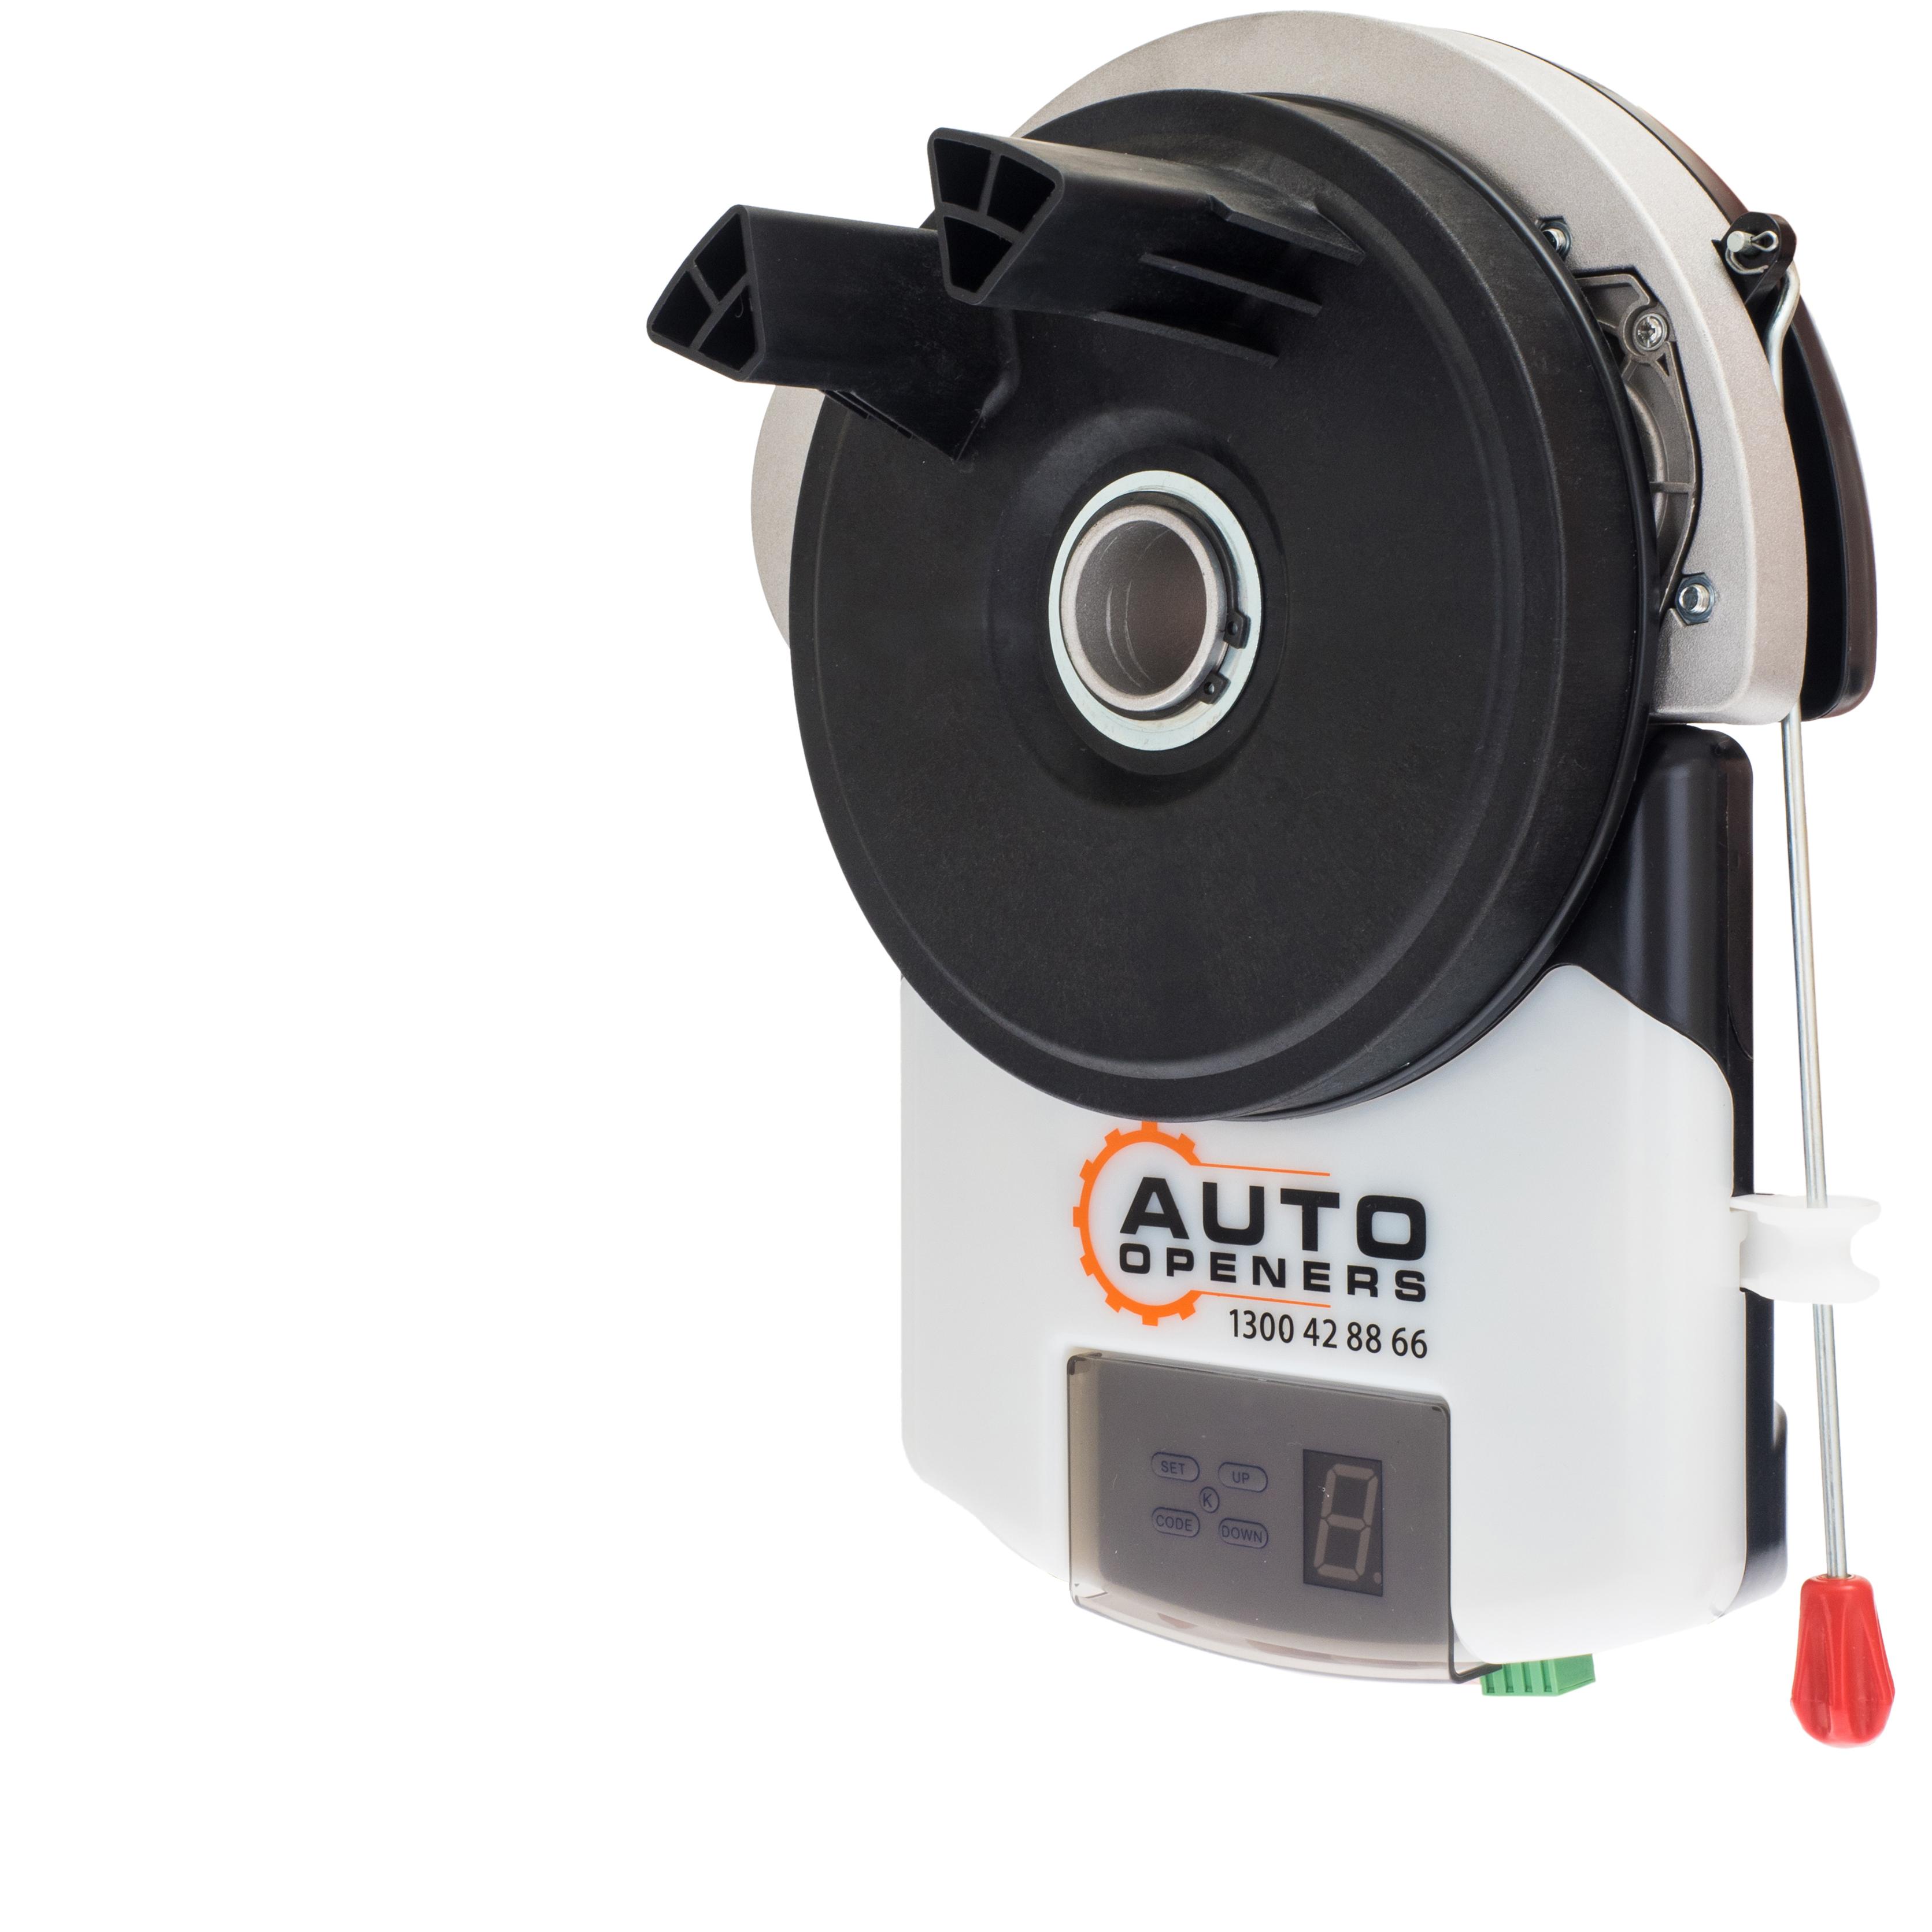 garage series elite quick door featuresmyq liftmaster p master opener residential jackshaft view access